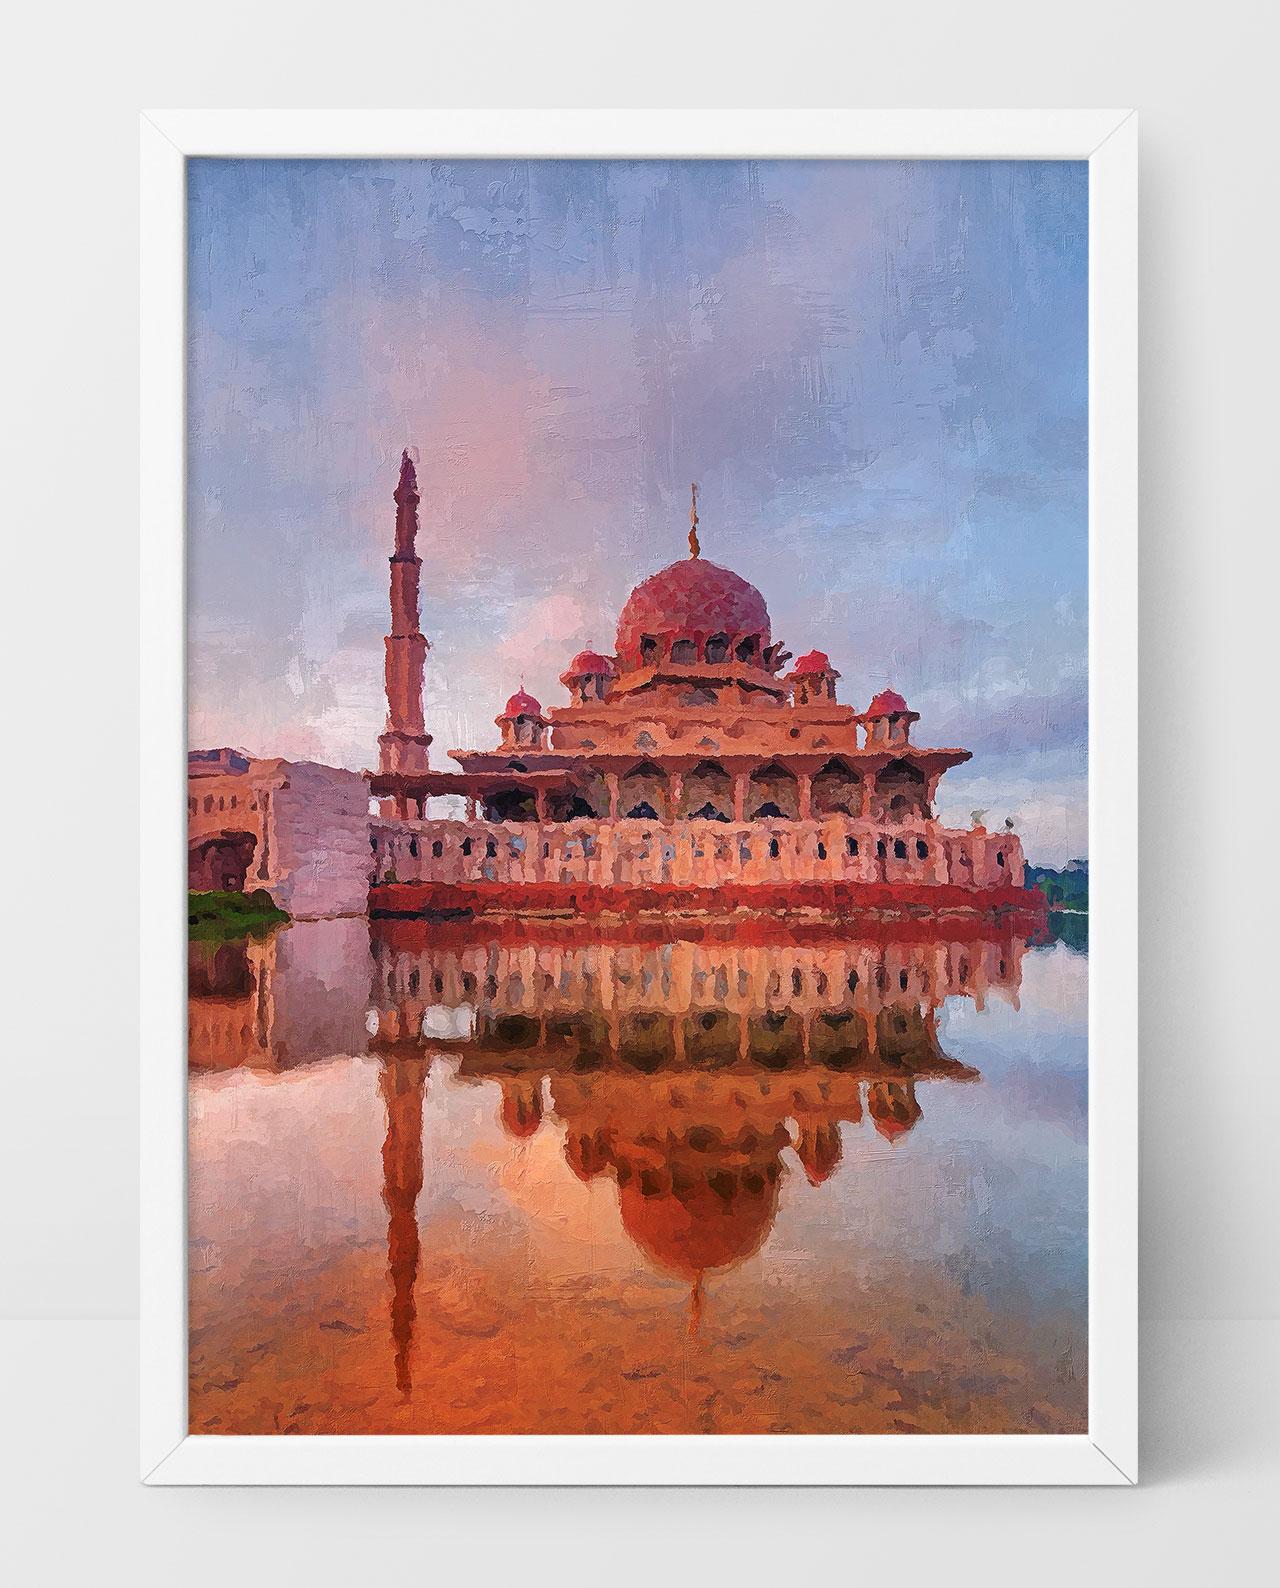 Wall Art The Putra Mosque